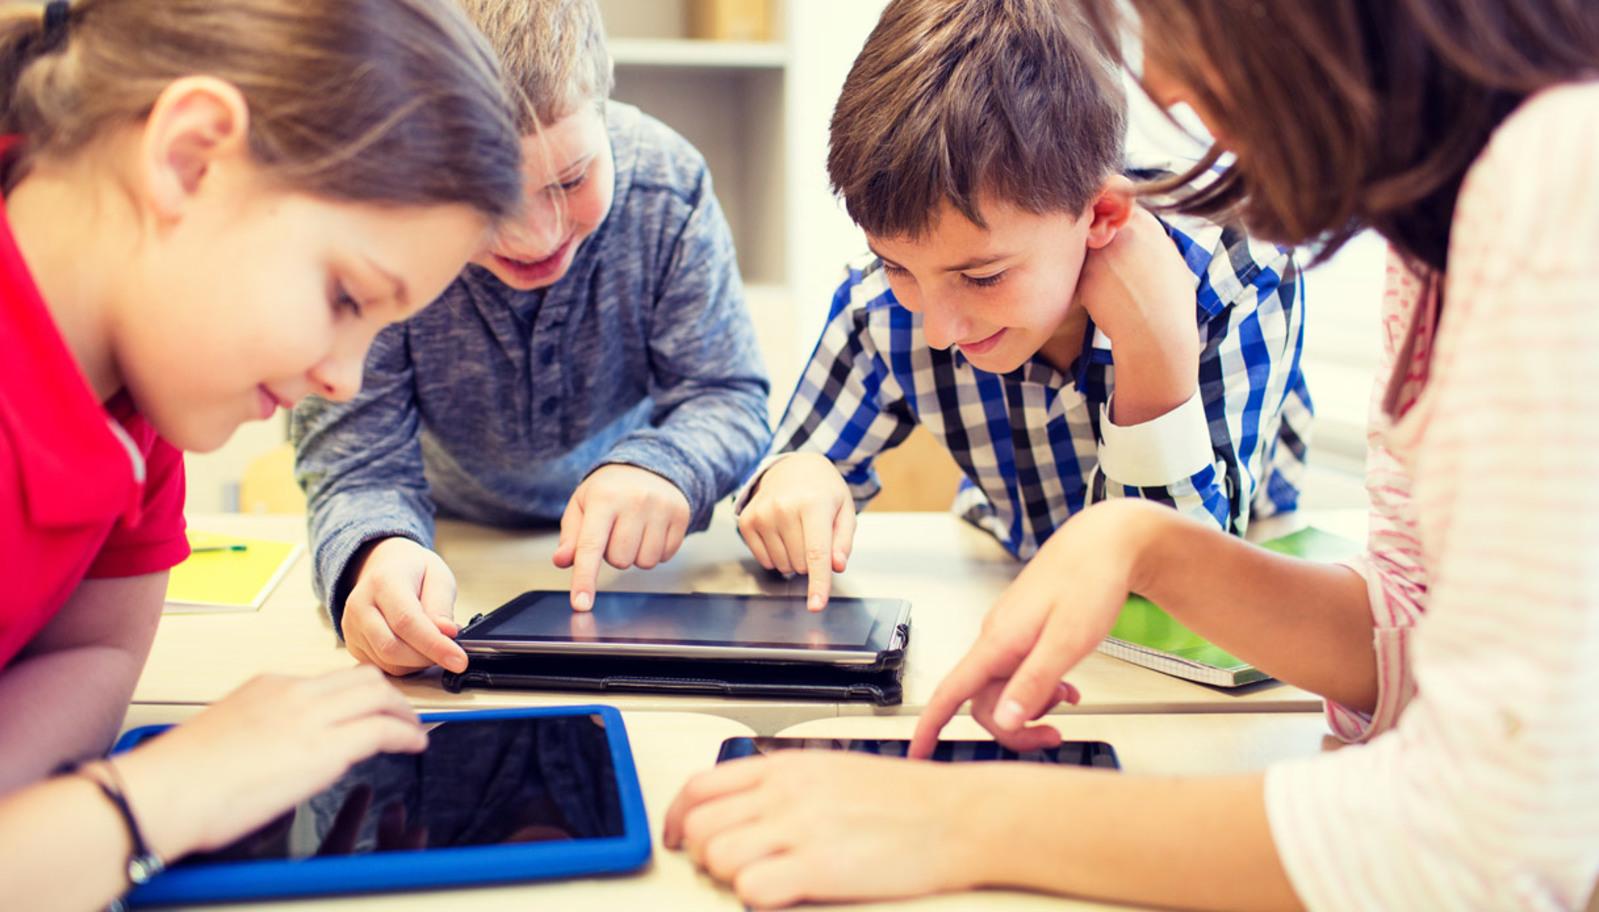 studenti usano tablet per studiare - Wibo